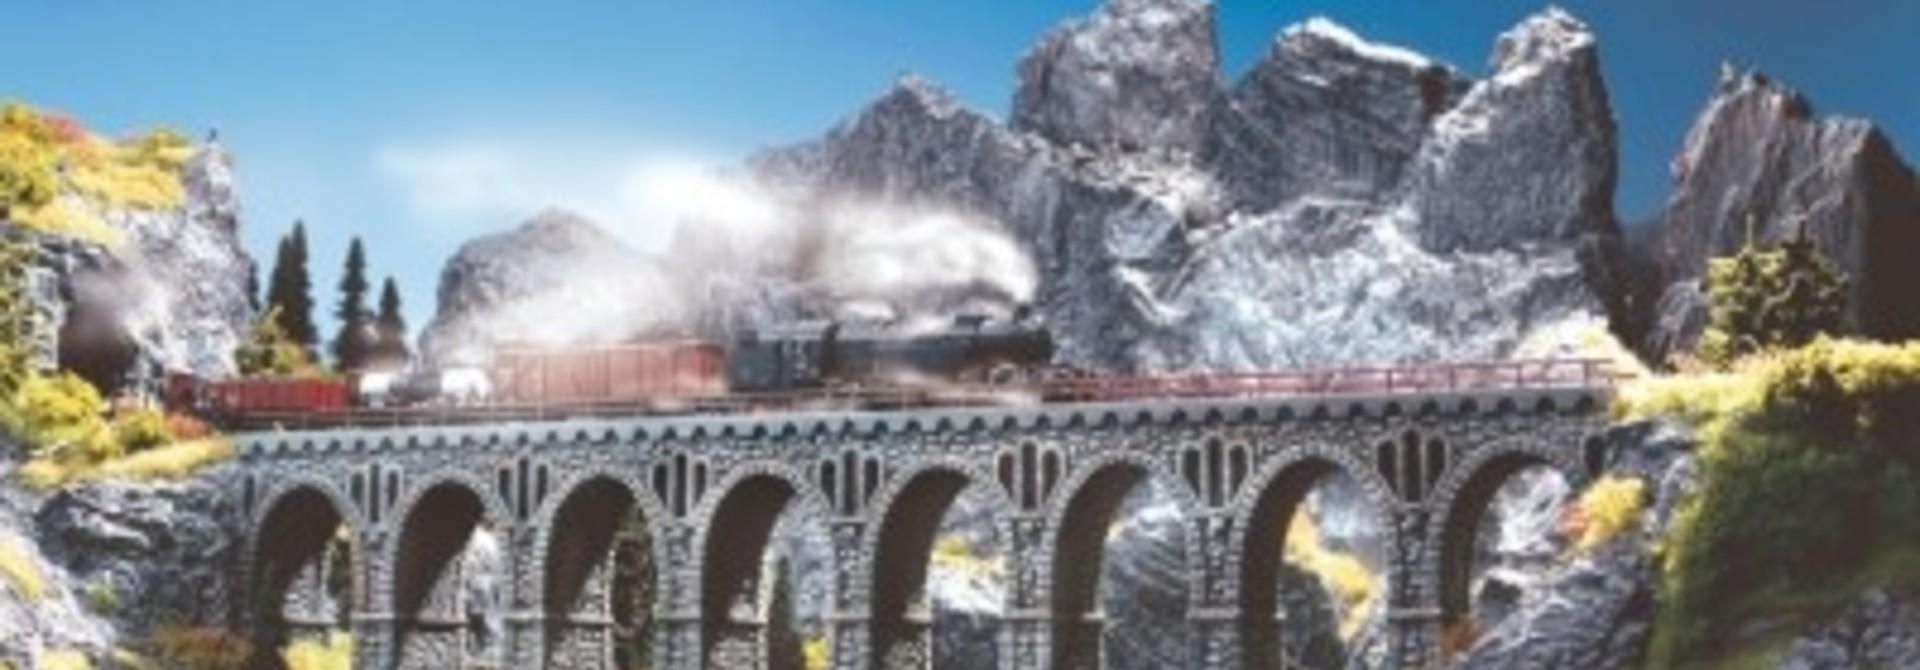 58668           Bruchstein-Viadukt